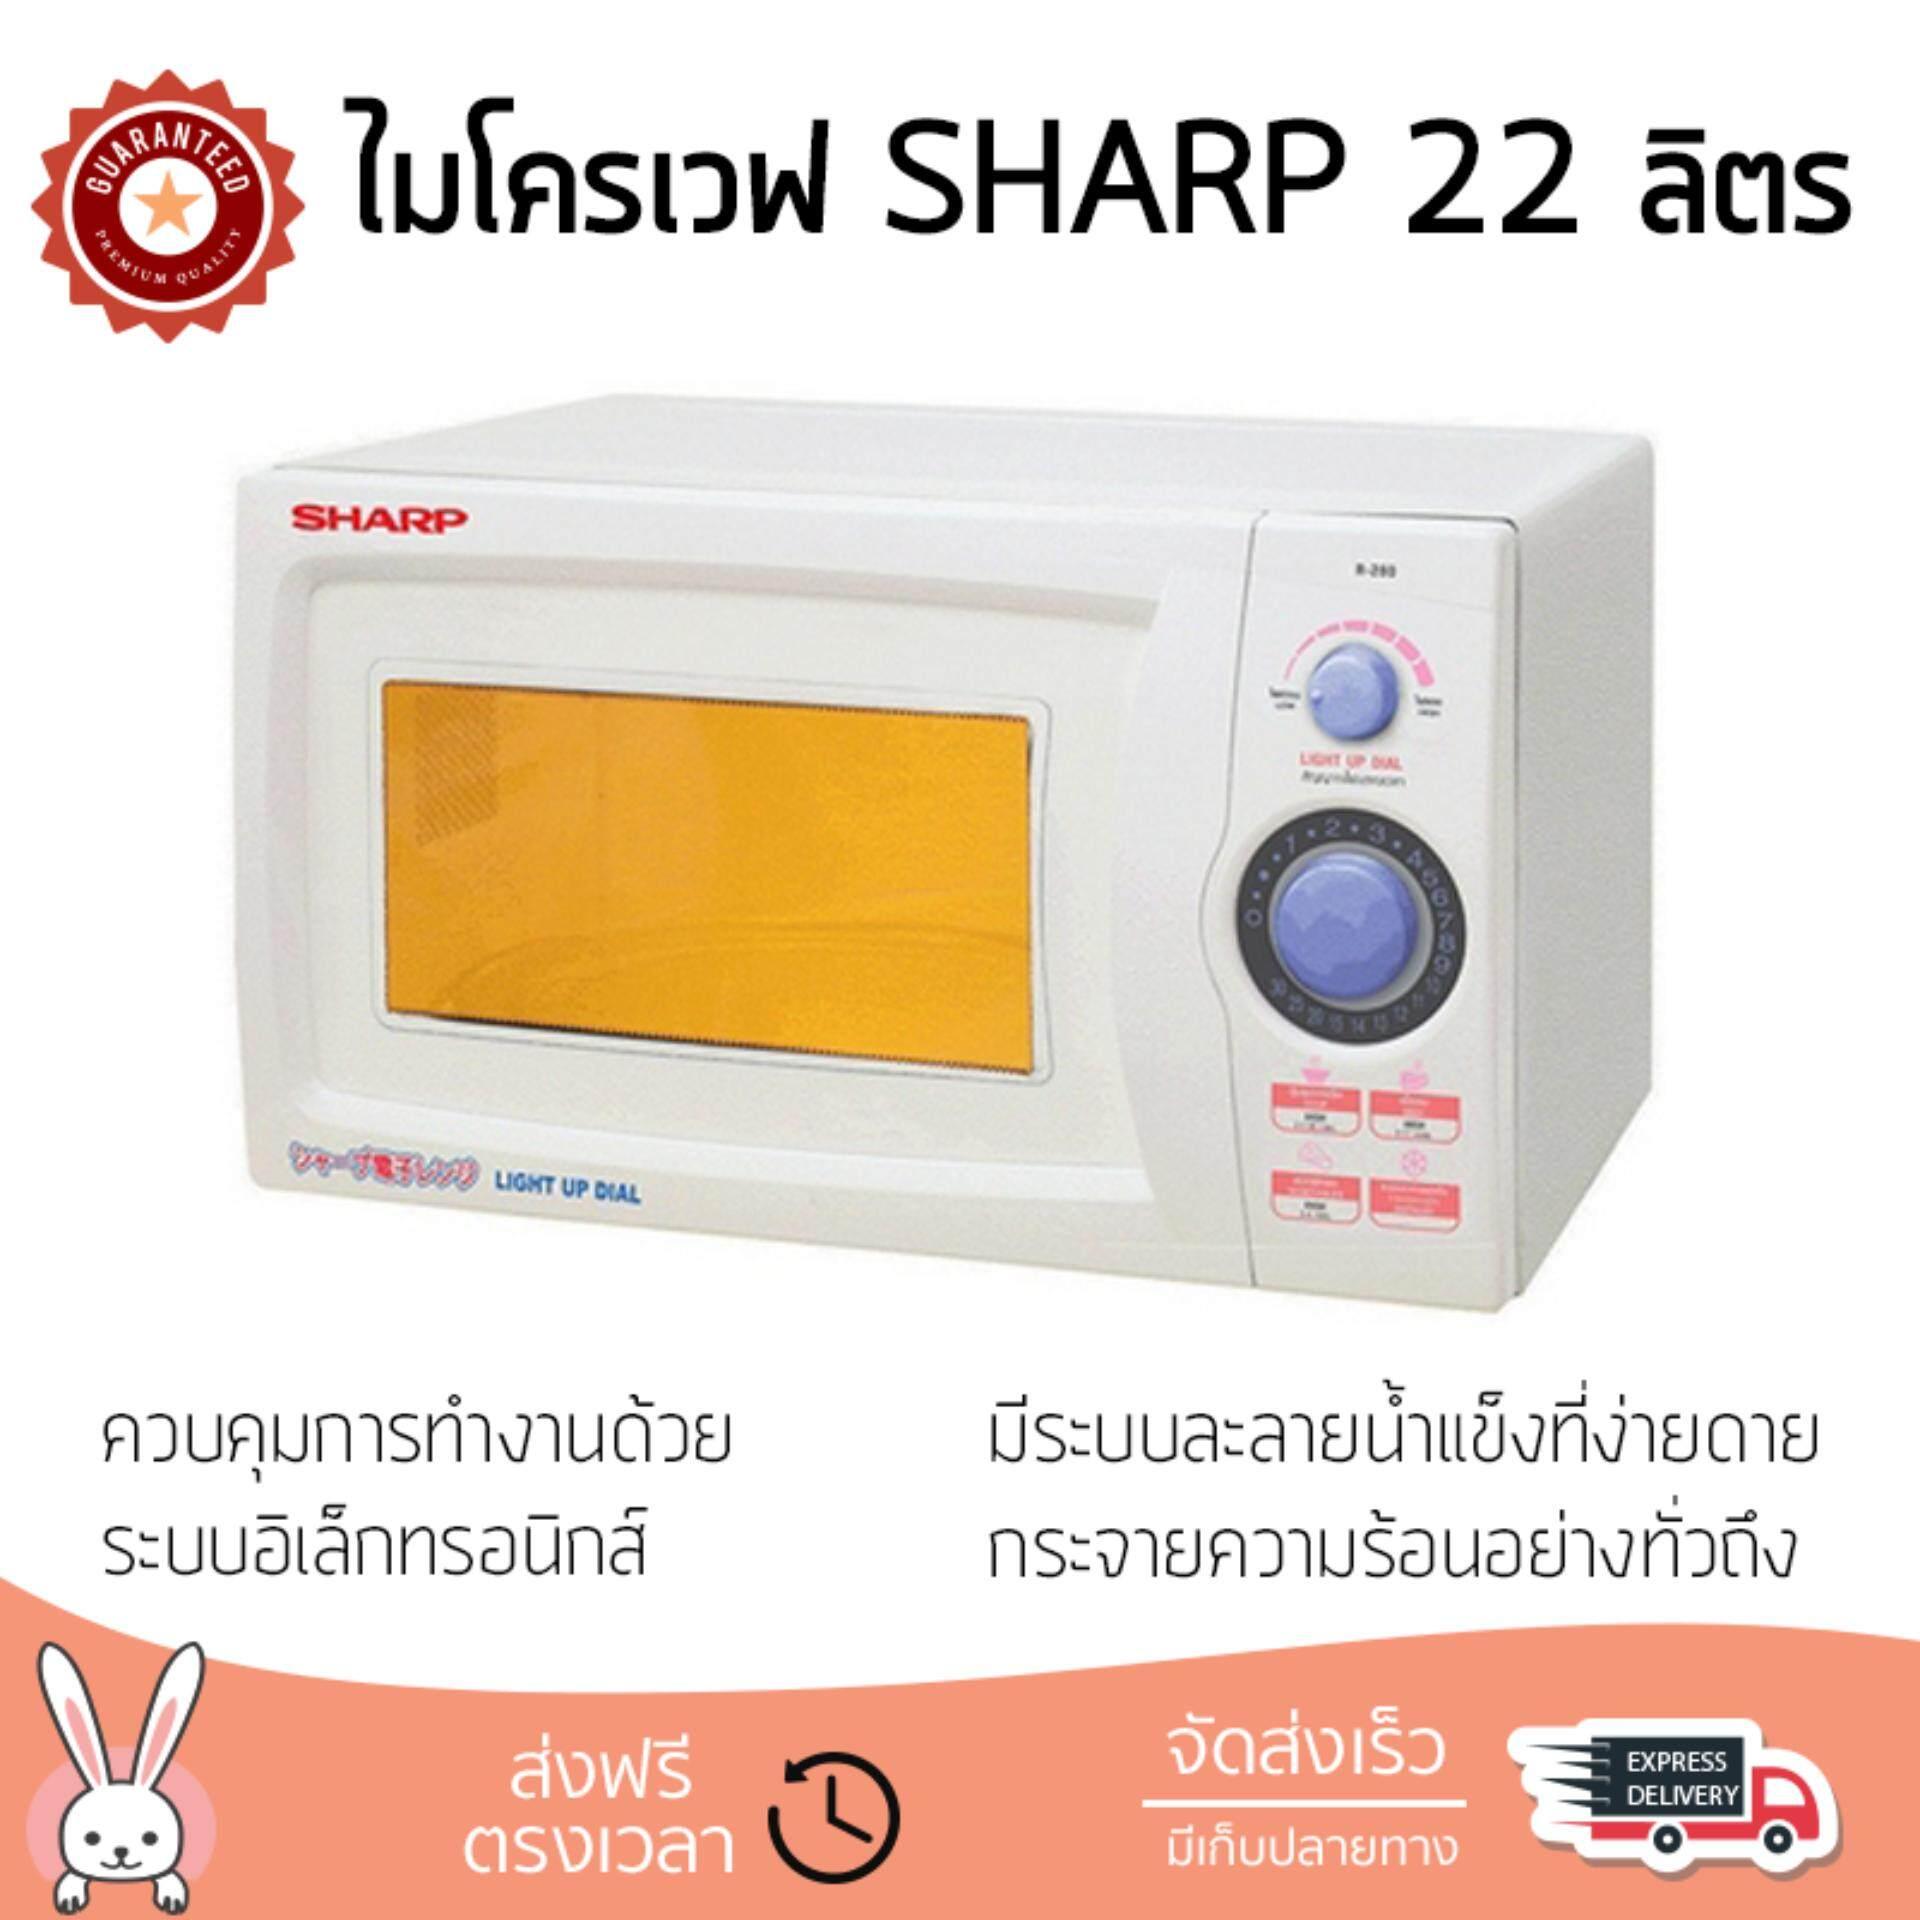 รุ่นใหม่ล่าสุด ไมโครเวฟ เตาอบไมโครเวฟ ไมโครเวฟ SHARP R-280 22L | SHARP | R-280 ปรับระดับความร้อนได้หลายระดับ มีฟังก์ชันละลายน้ำแข็ง ใช้งานง่าย Microwave จัดส่งฟรีทั่วประเทศ